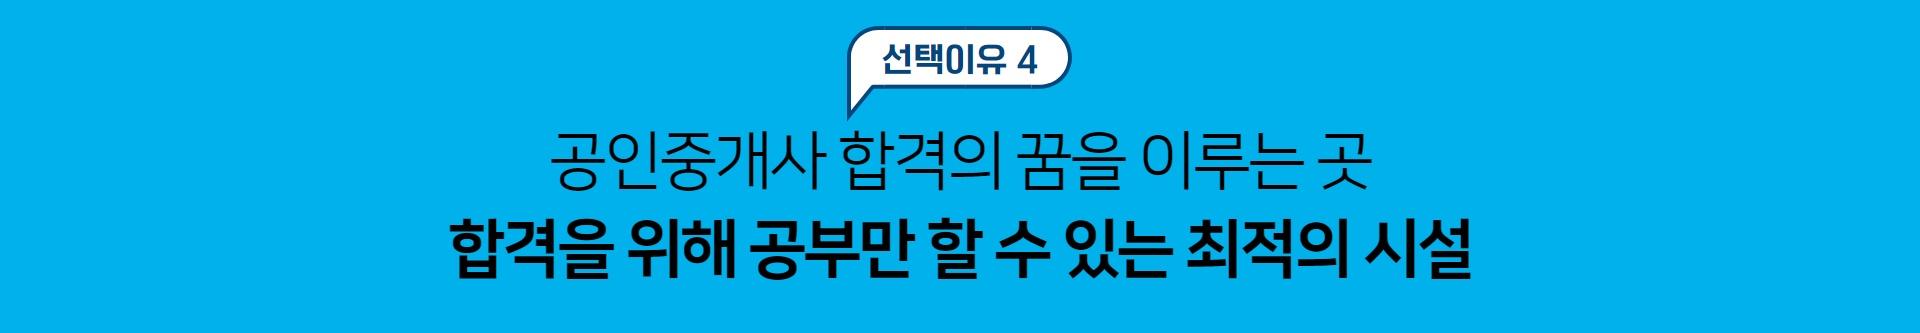 부산공인중개사학원 학습시설